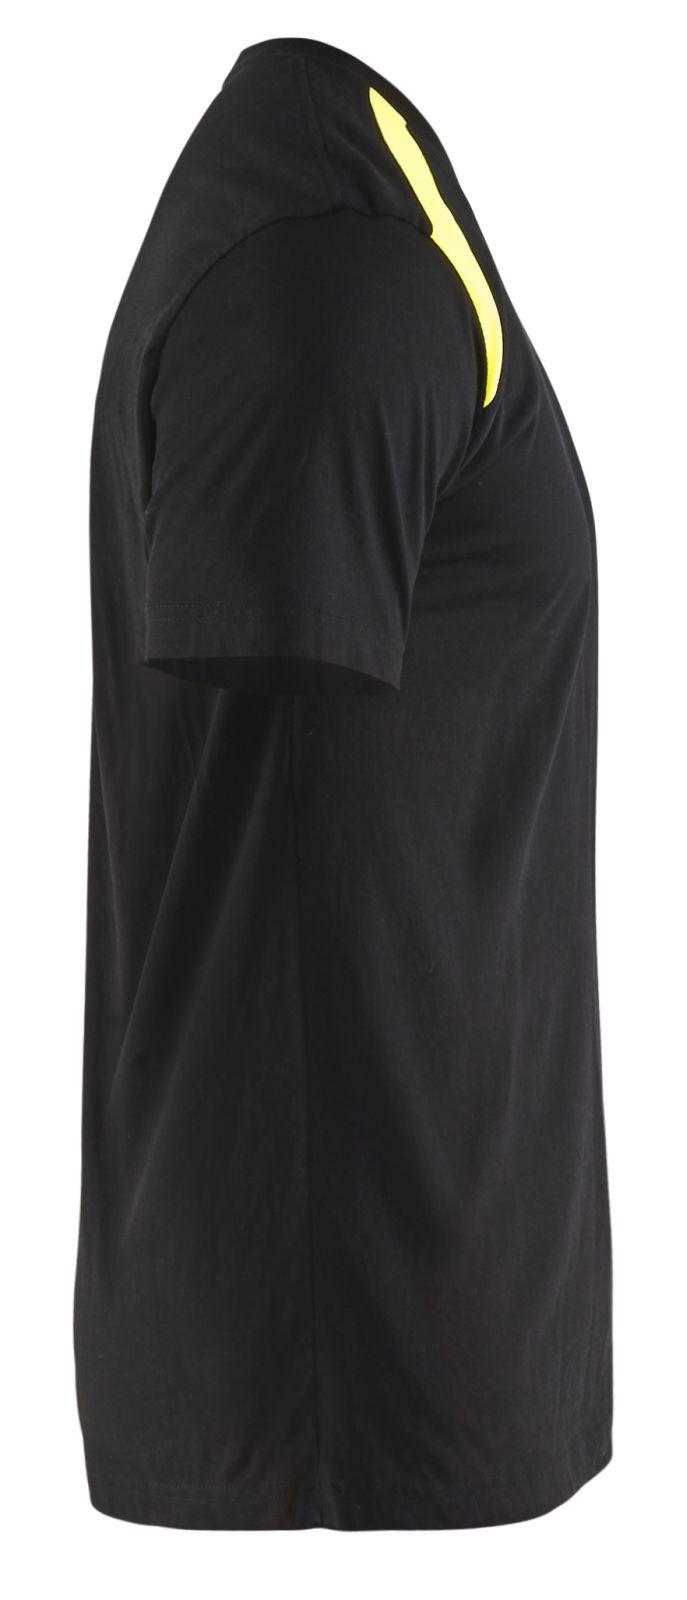 Blaklader T-shirts 33791042 zwart-geel(9933)